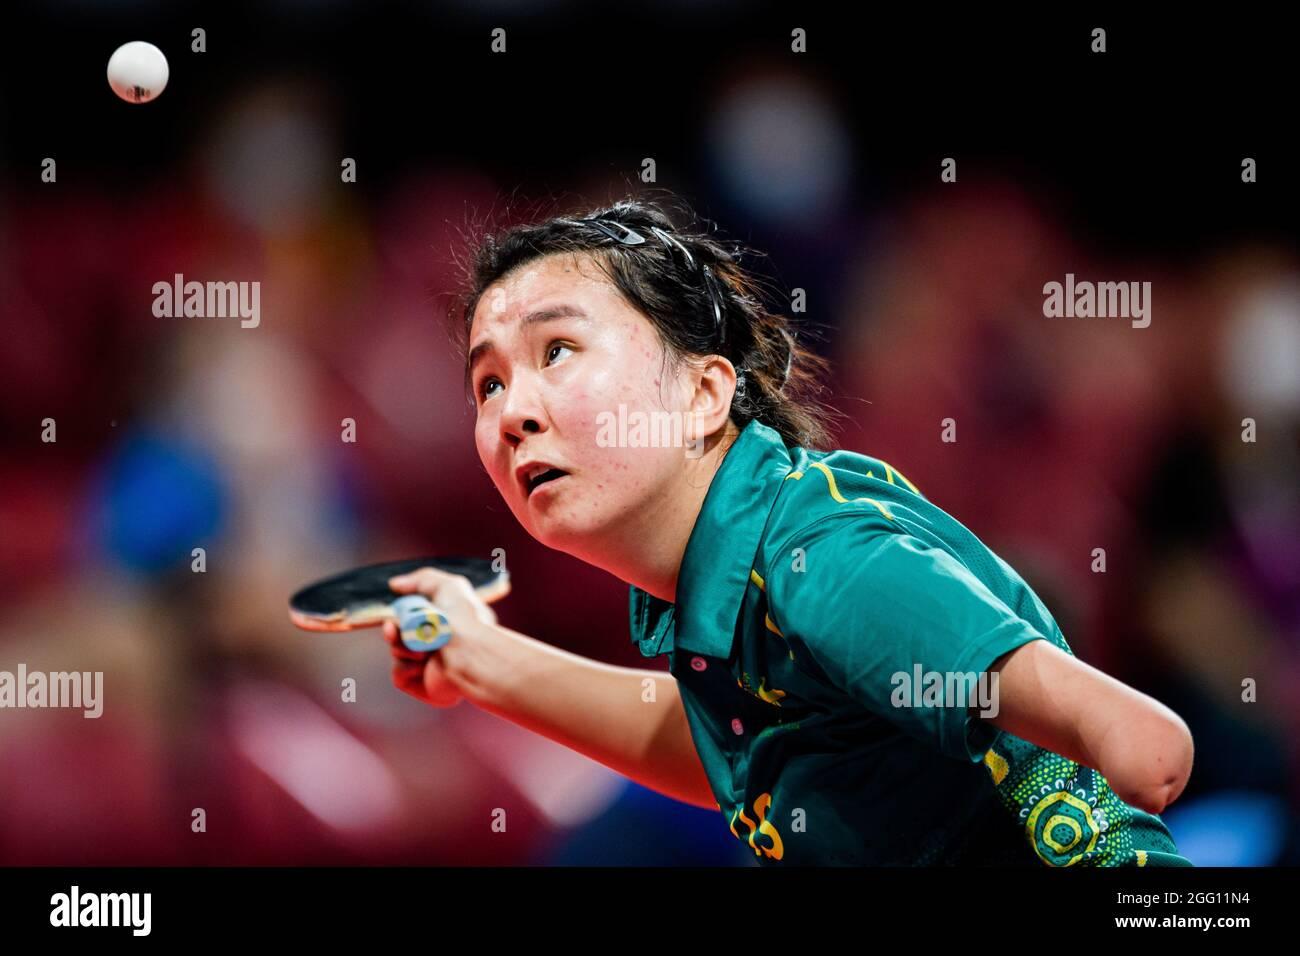 TOKIO, JAPAN. August 2021. Yang Qian aus Australien tritt bei den Frauen-Singles - Klasse 10 Viertelfinale 2 während des Tischtennis QF SM und der Finals der Paralympischen Spiele Tokio 2020 im Olympiastadion am Samstag, 28. August 2021 in TOKIO, JAPAN, an. Kredit: Taka G Wu/Alamy Live Nachrichten Stockfoto